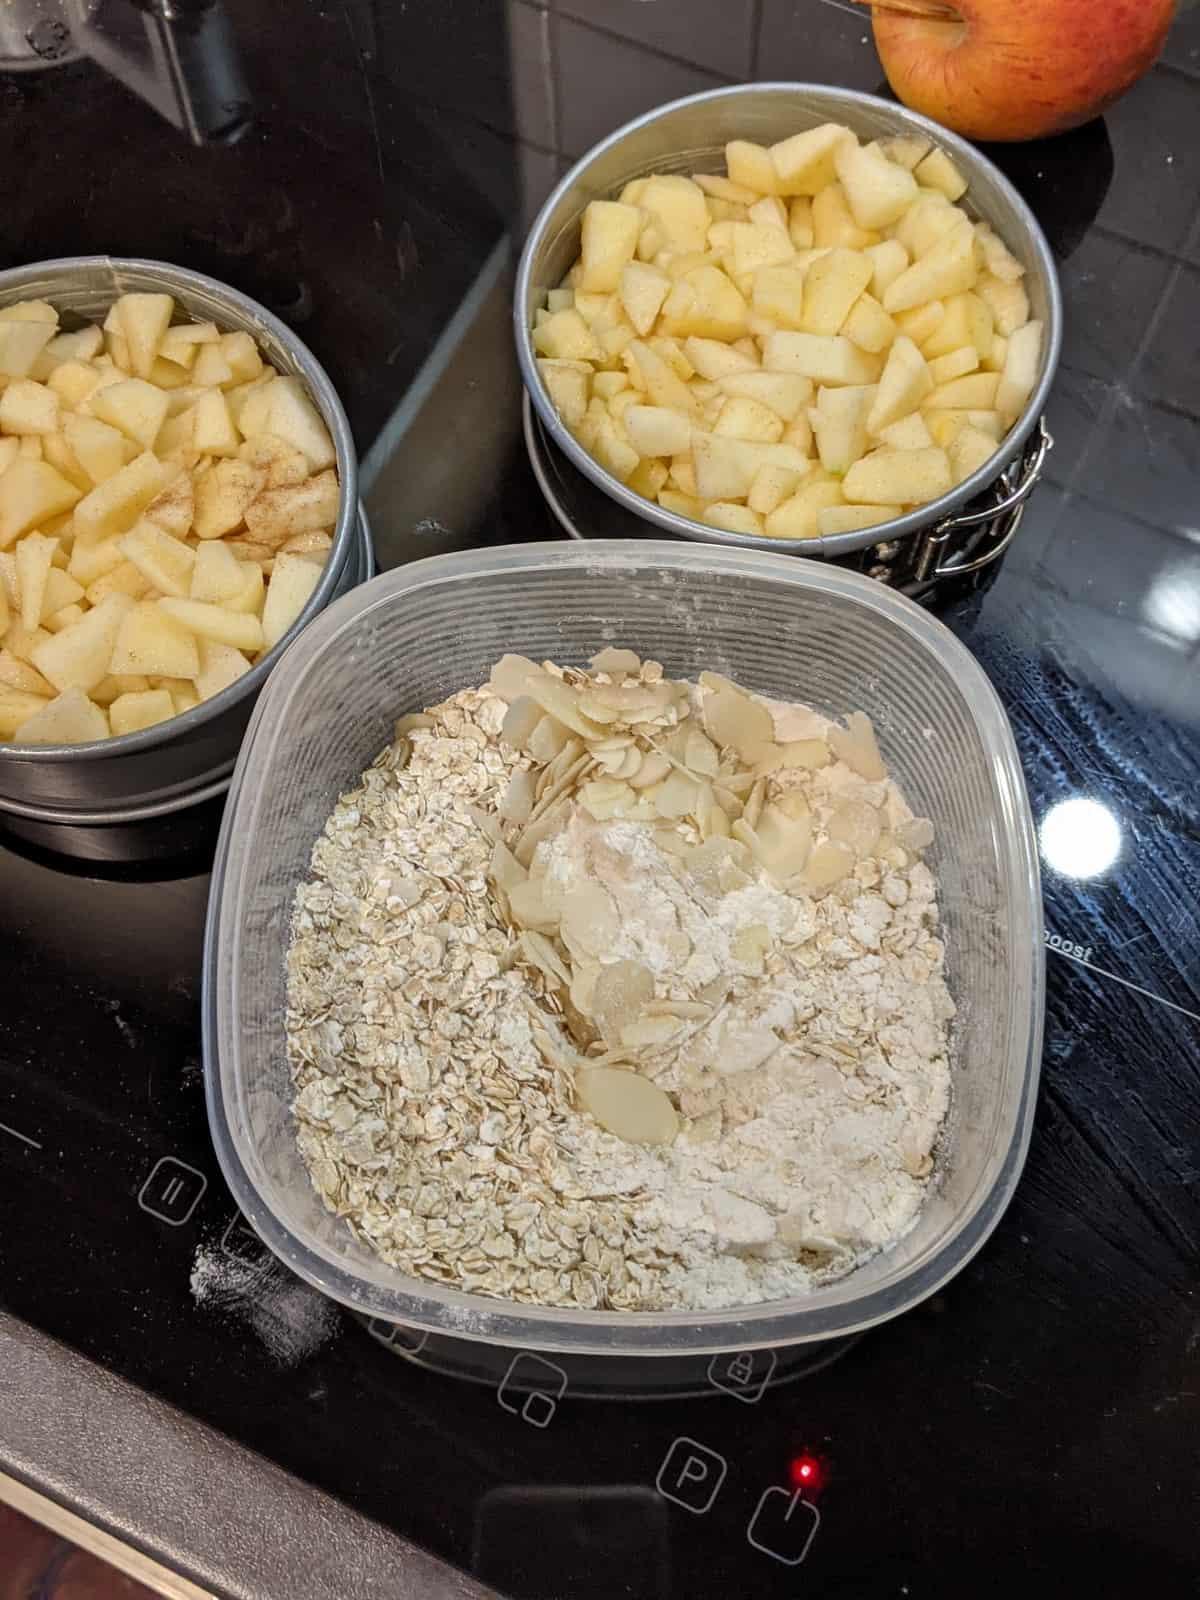 Zwei kleine Springformen mit Apfelstücken und eine Schüssel mit der Streusel-Mischung.